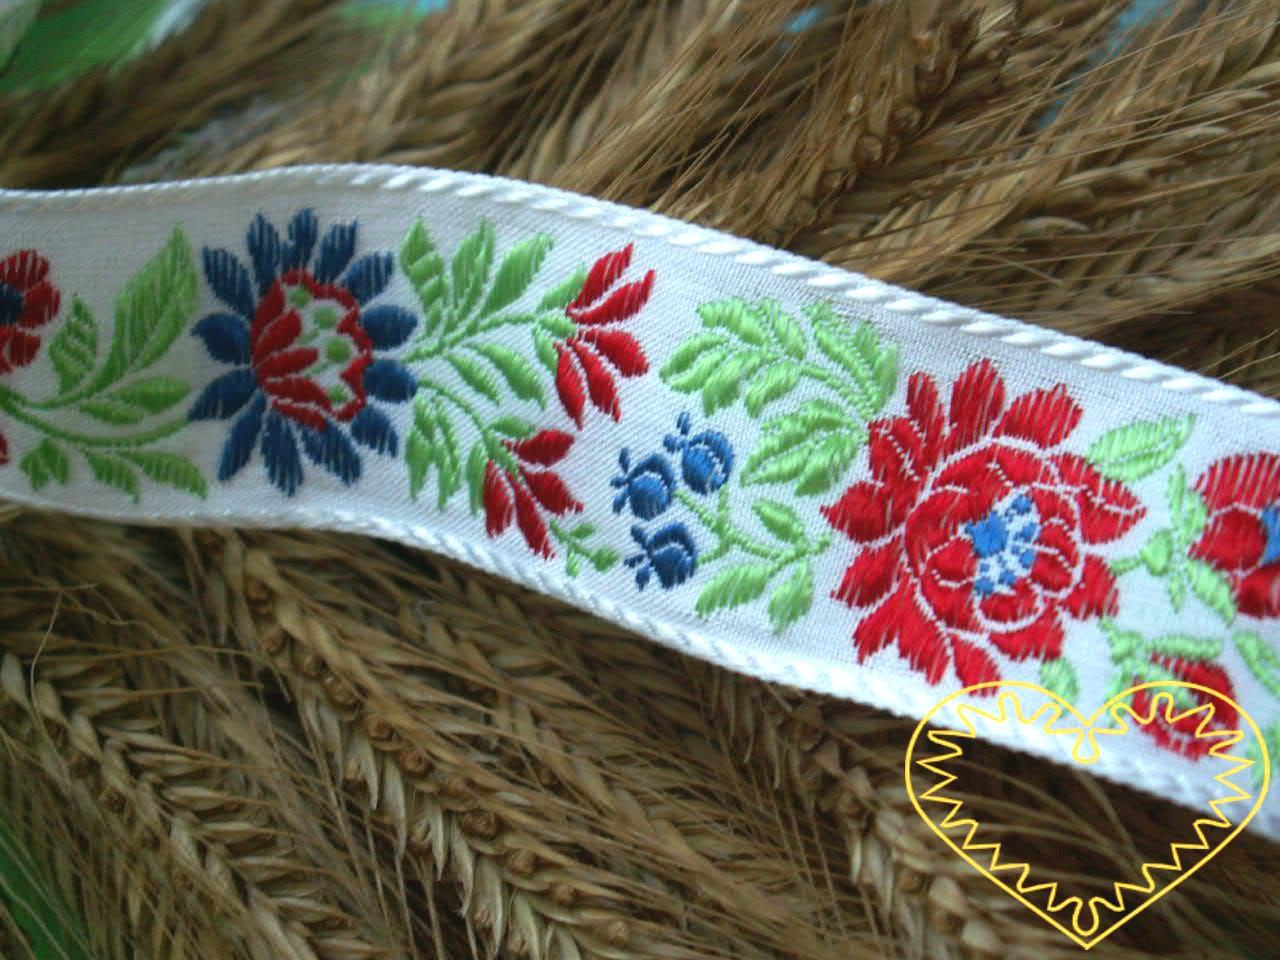 Bílá krojová stuha s červeným květinovým vzorem - vzorovka š 3,5 cm. Textilní tkaná stuha se vzorem modrých a červených květů je vhodná zvláště k lemování tkanin, zdobení krojů a šatů panenek a maňásků.